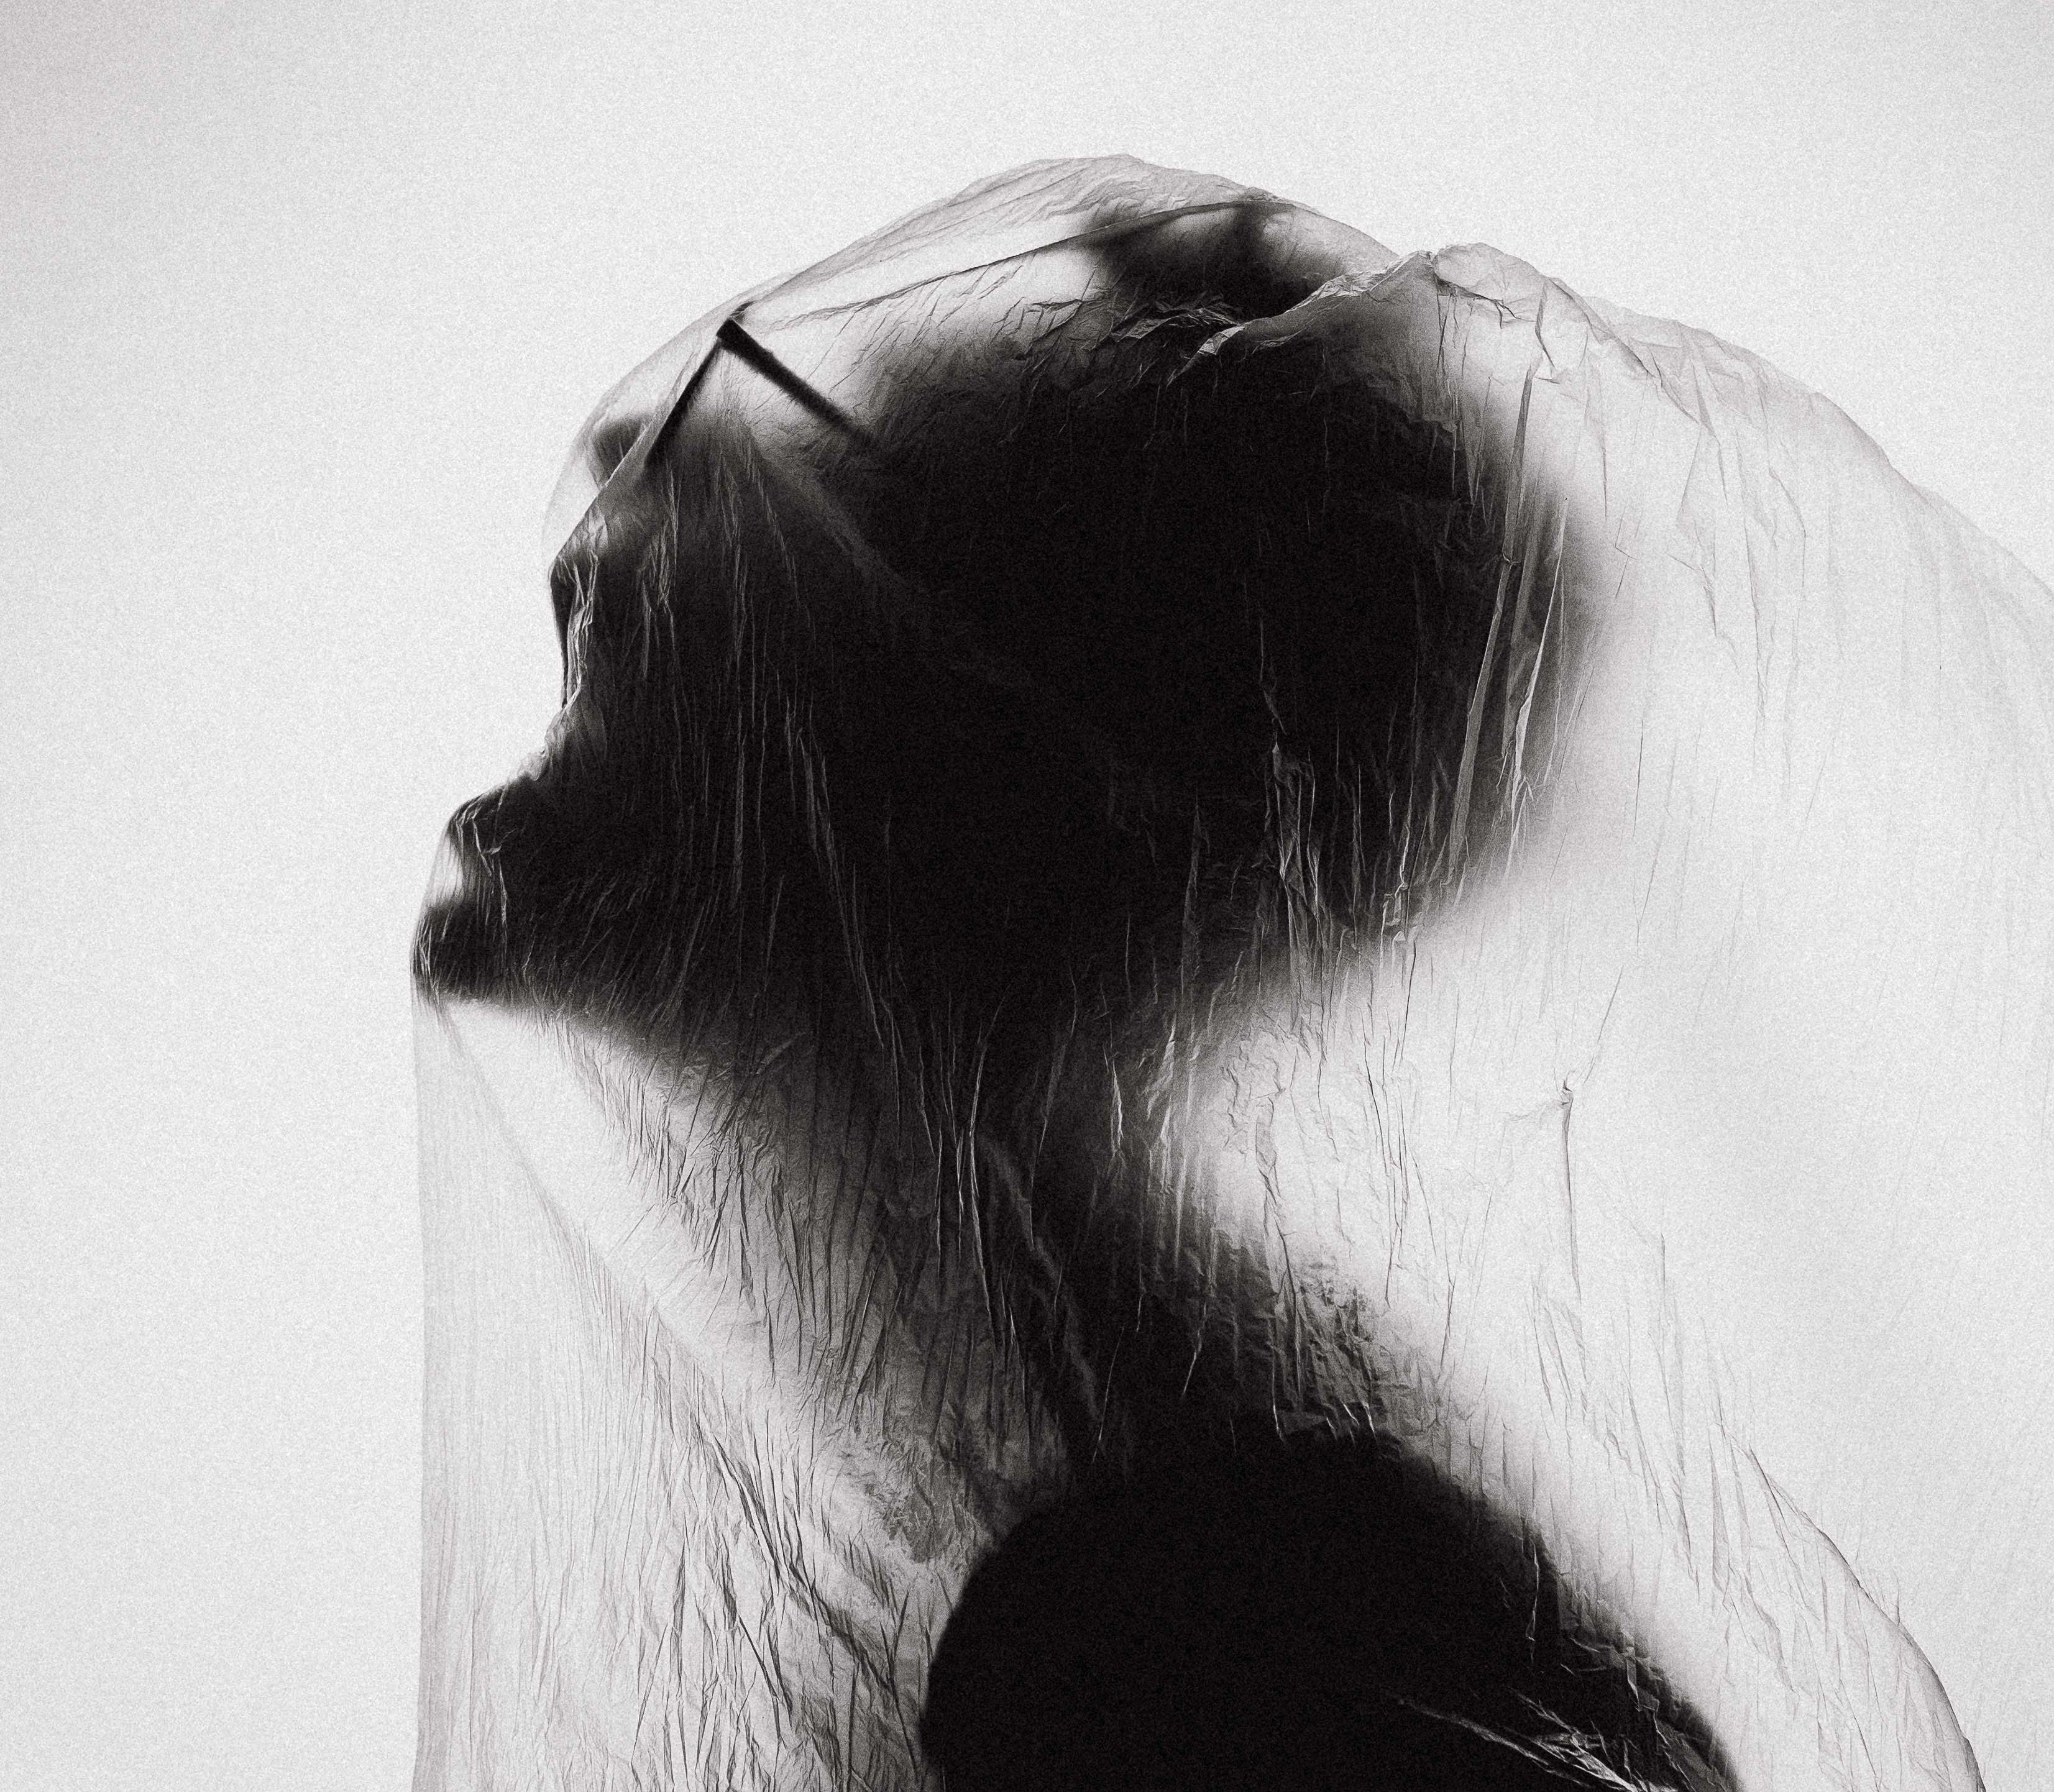 agonie-mizerie-moarte